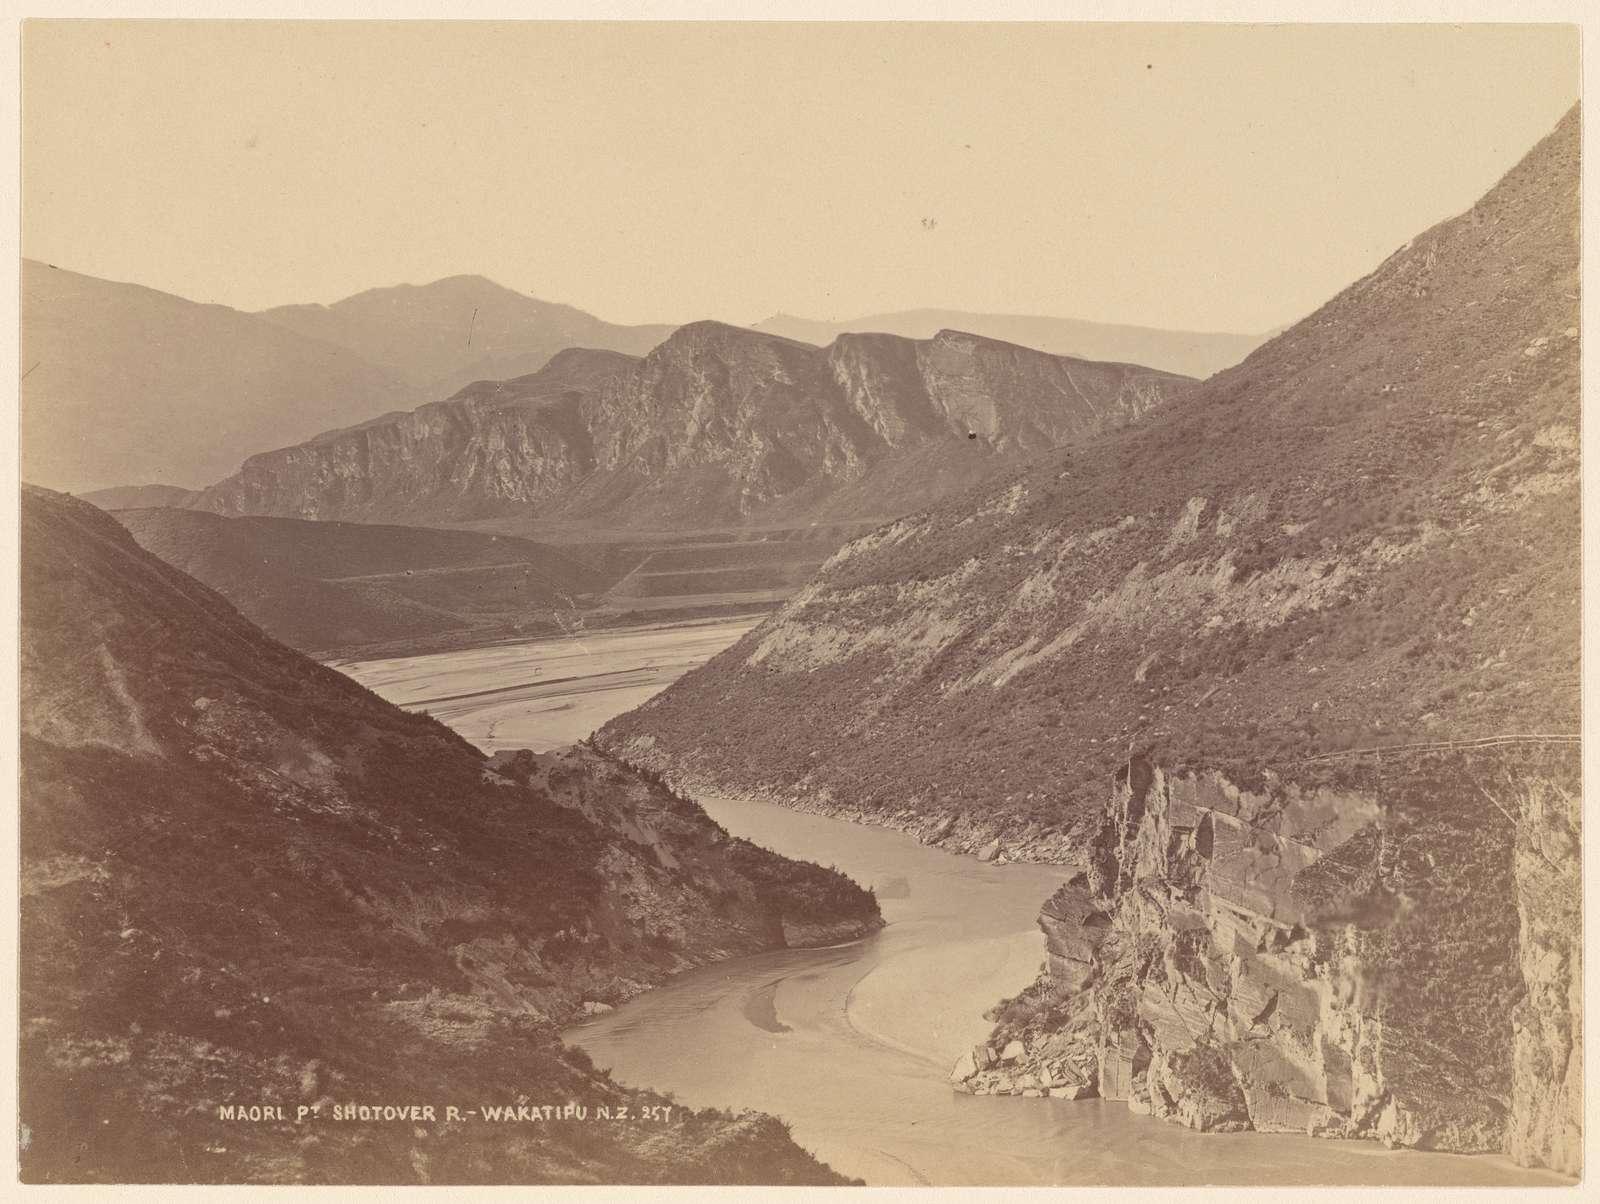 Maori Pt. Shotover R. Wakatipu, N. Z.